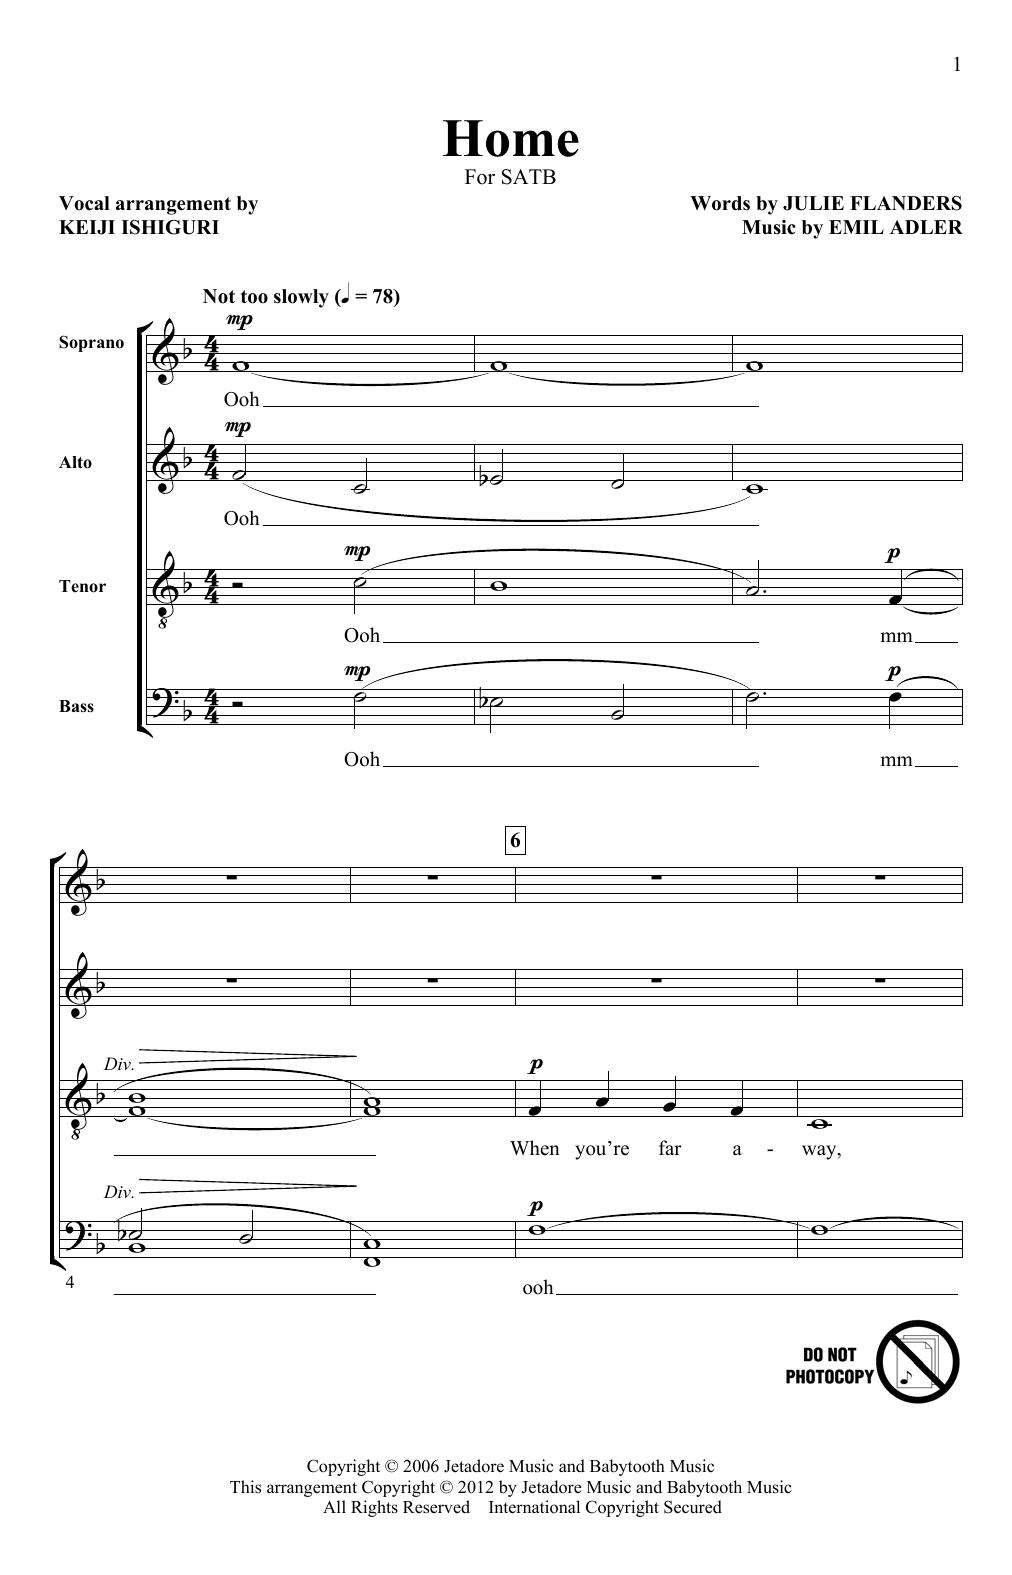 Home (SATB Choir)